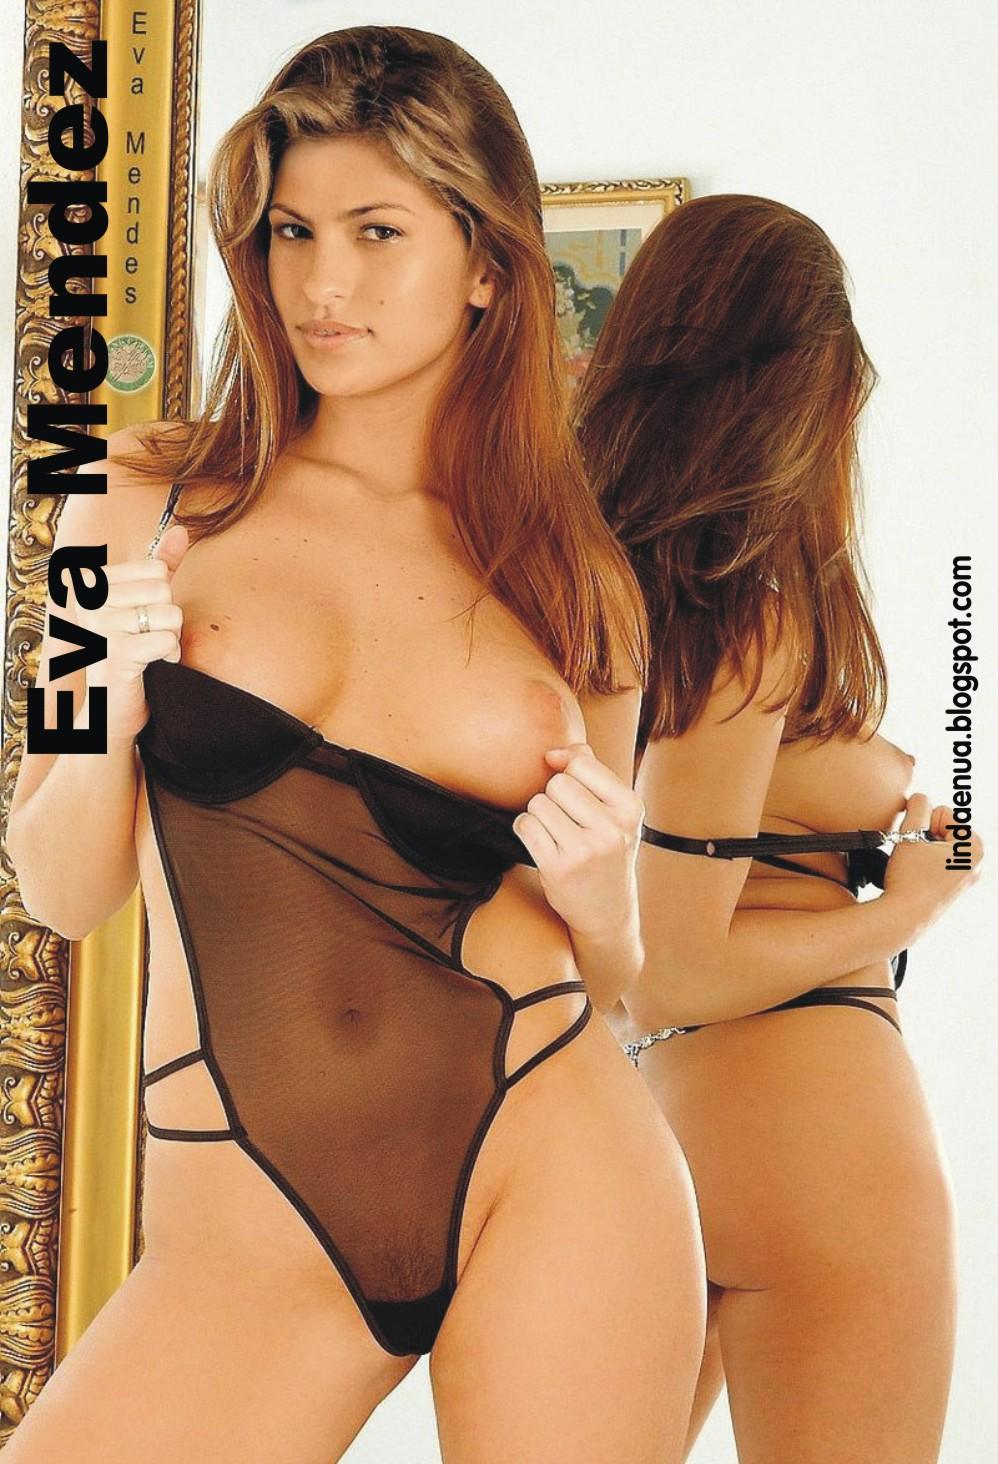 Ева мендэс порно фото фото 405-933